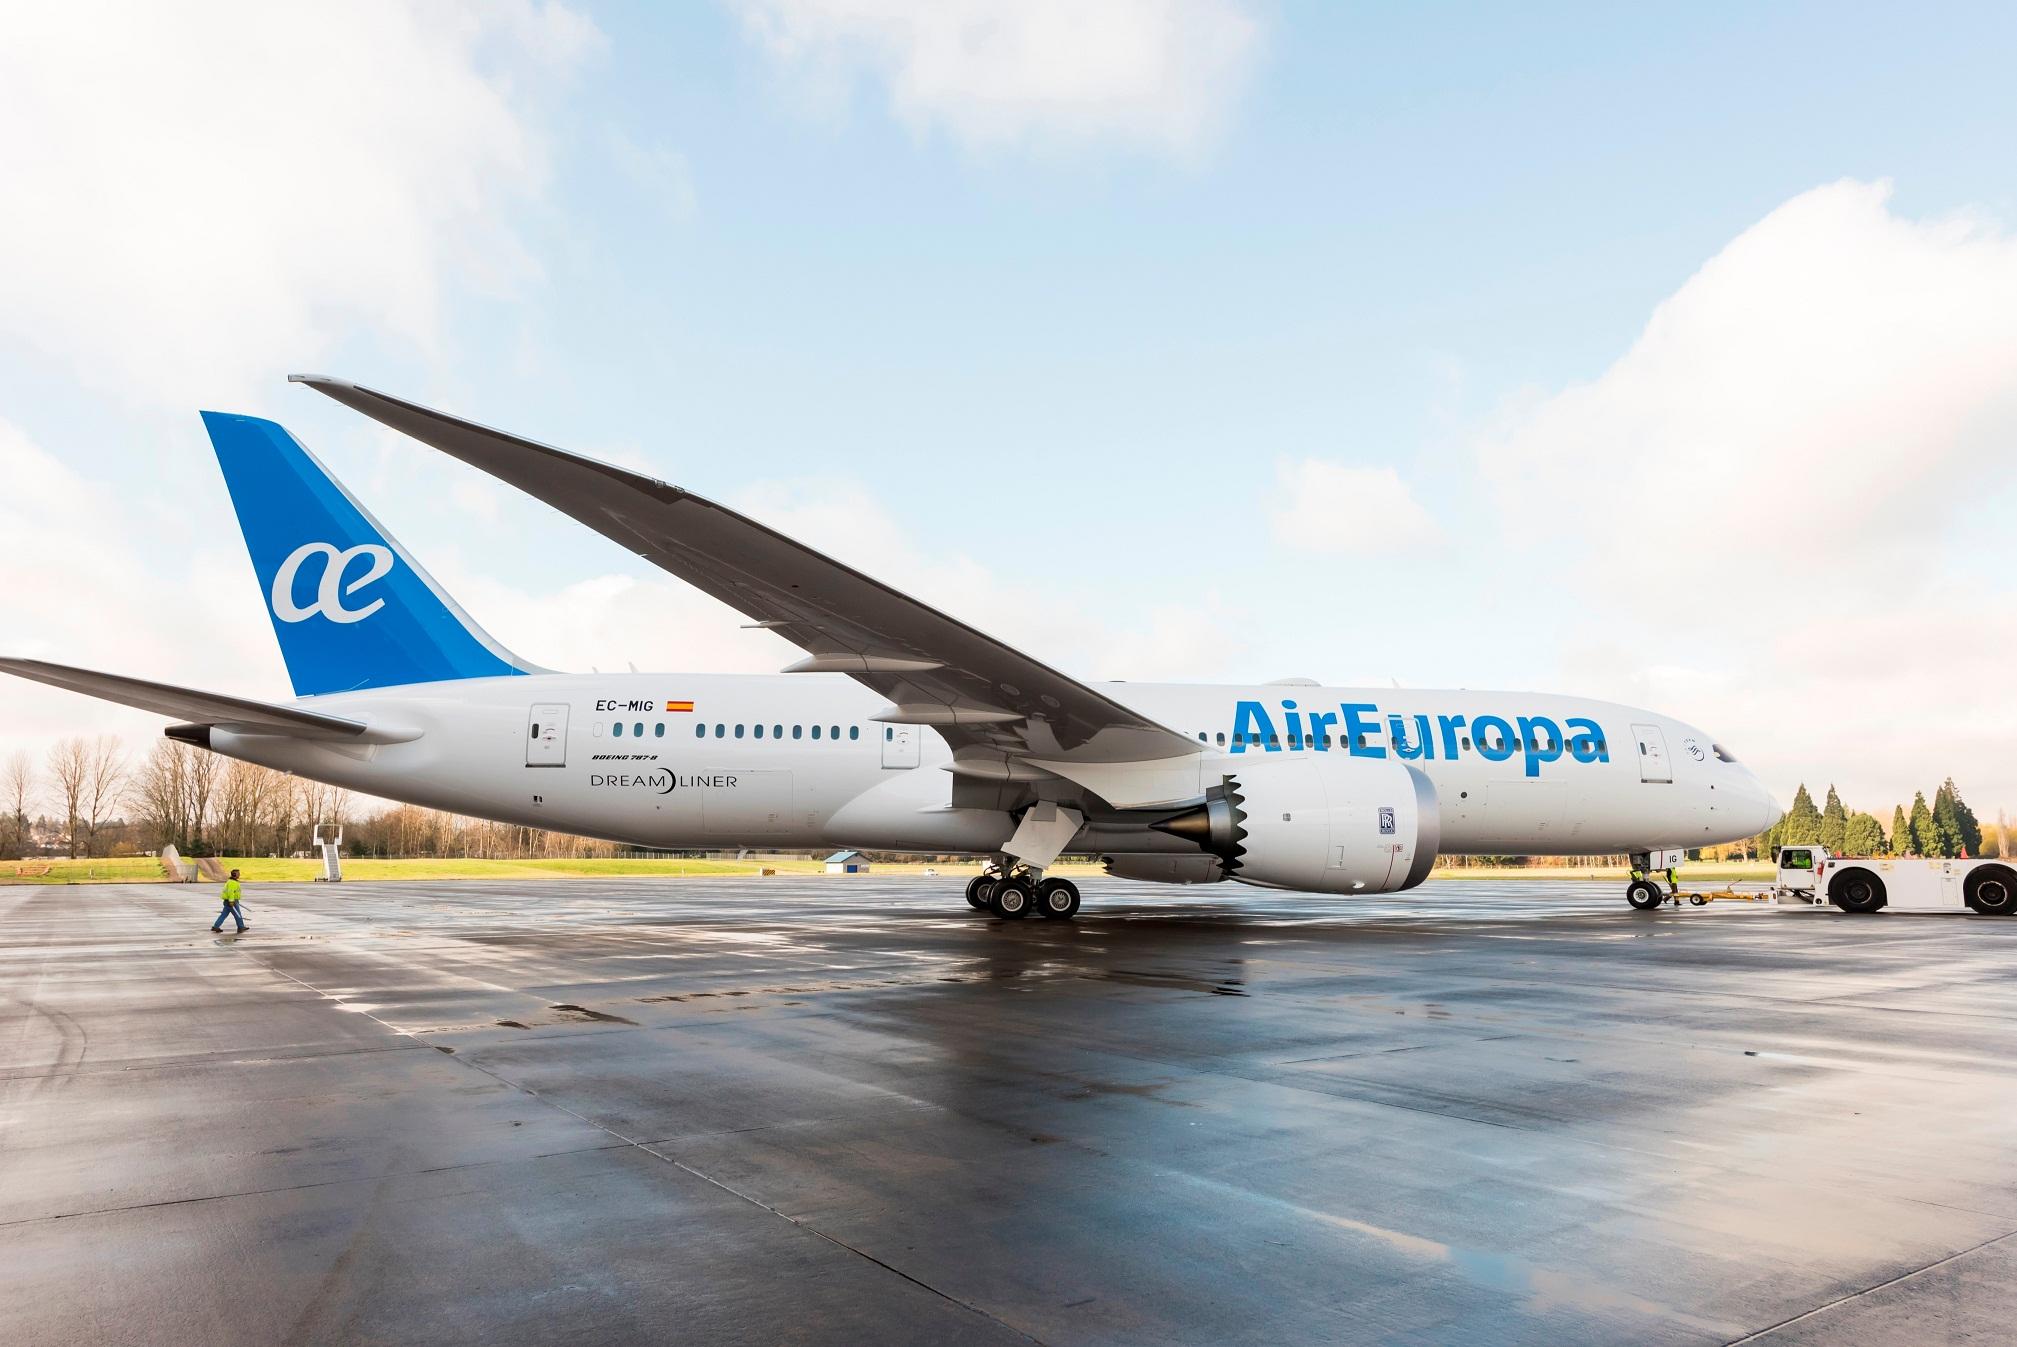 España: Air Europa, única de las grandes en bajar en 2018; Jet2, la que más sube